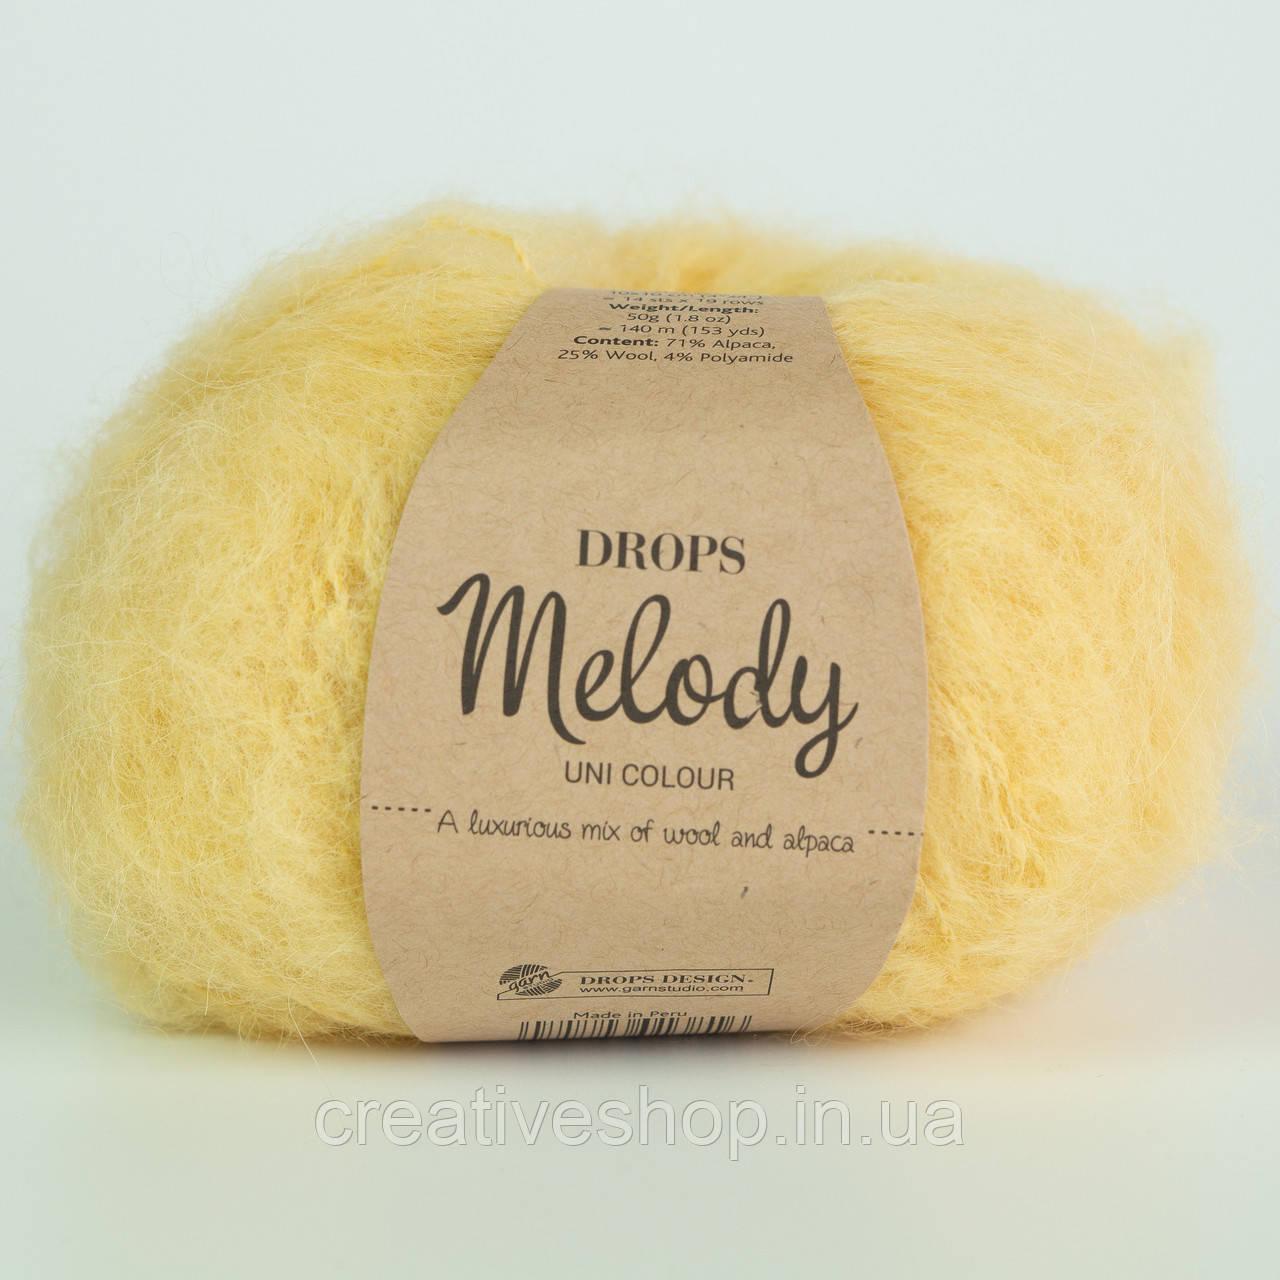 Пряжа Drops Melody (цвет 14 vanilla)